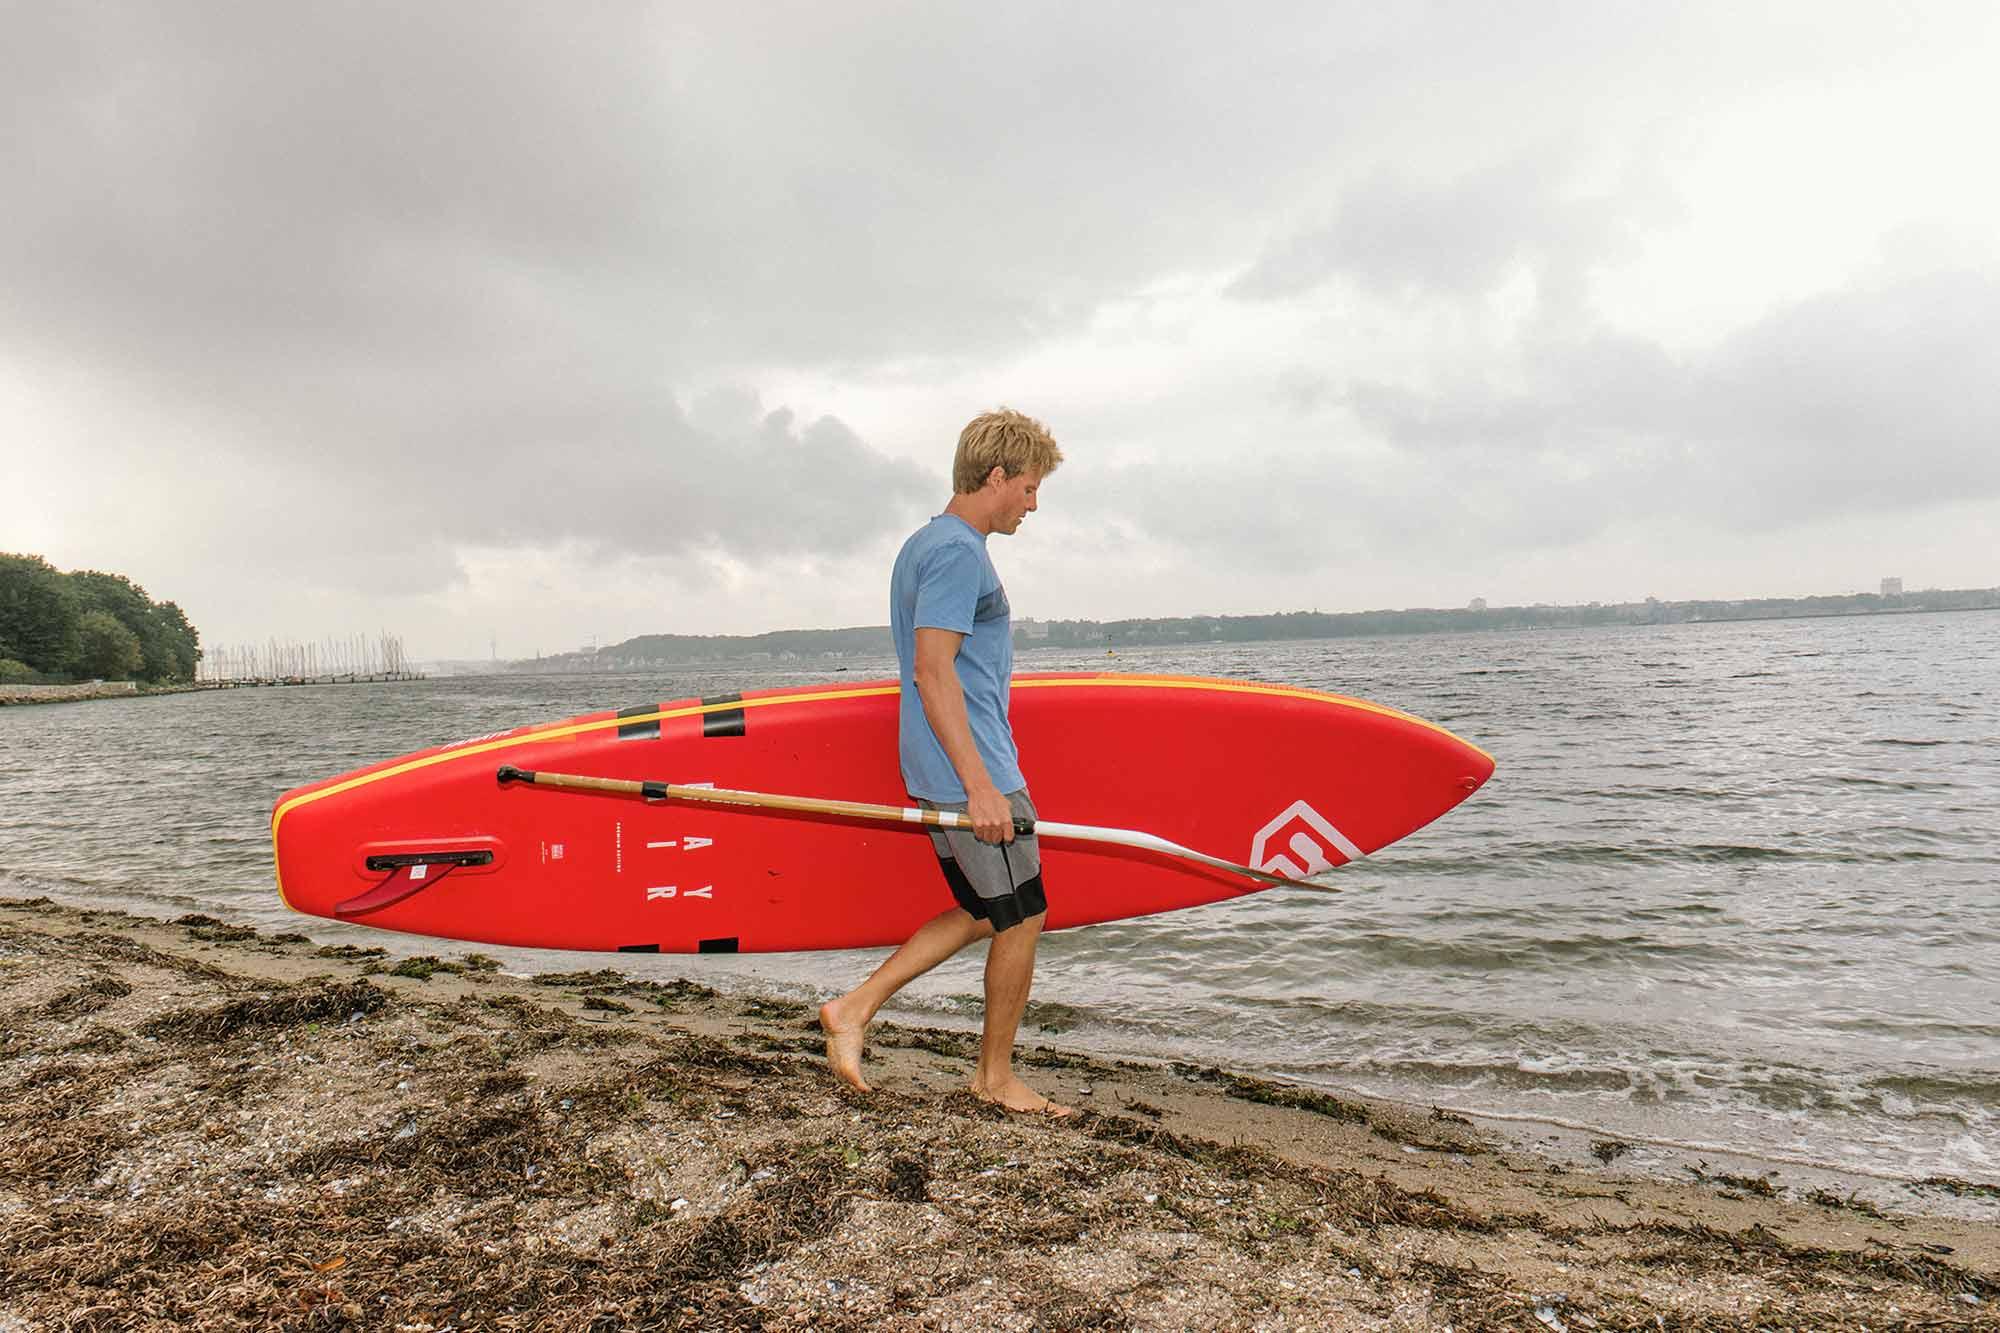 05-klaas-voget-windsurfer